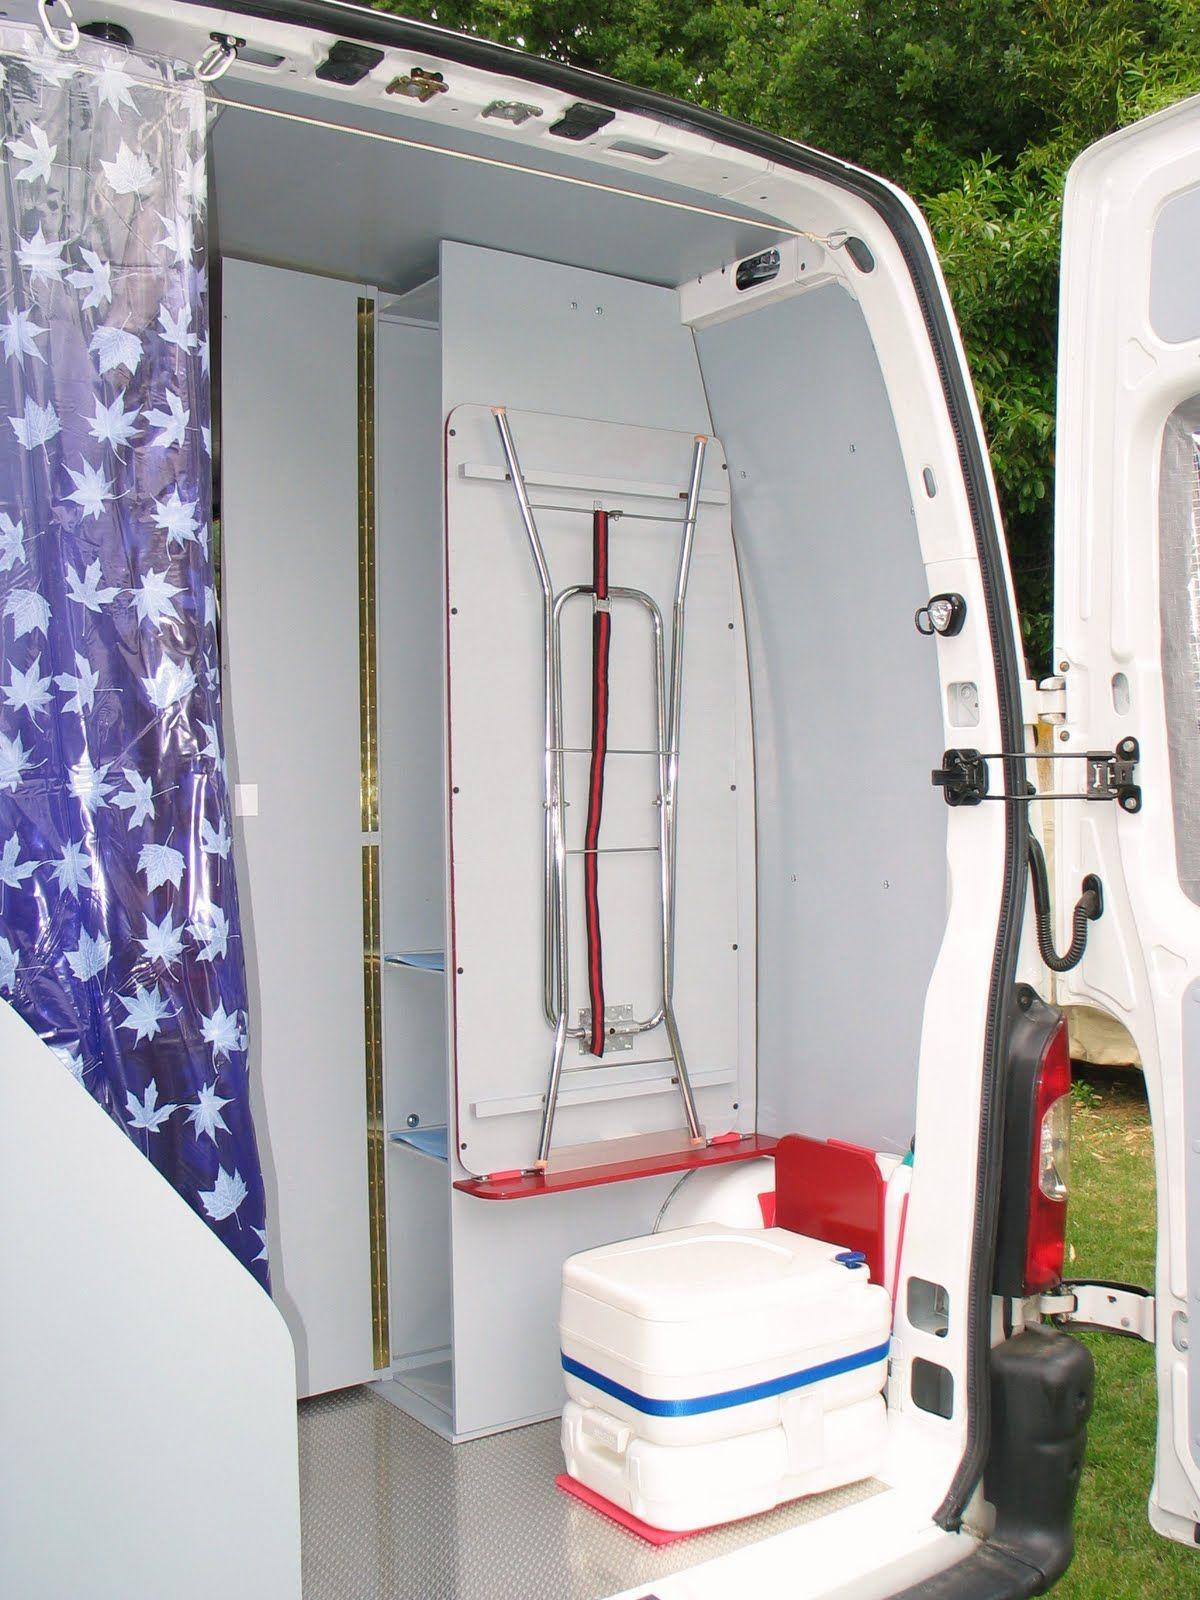 Les WC - Aménager un camping car en conservant l\'utilitaire